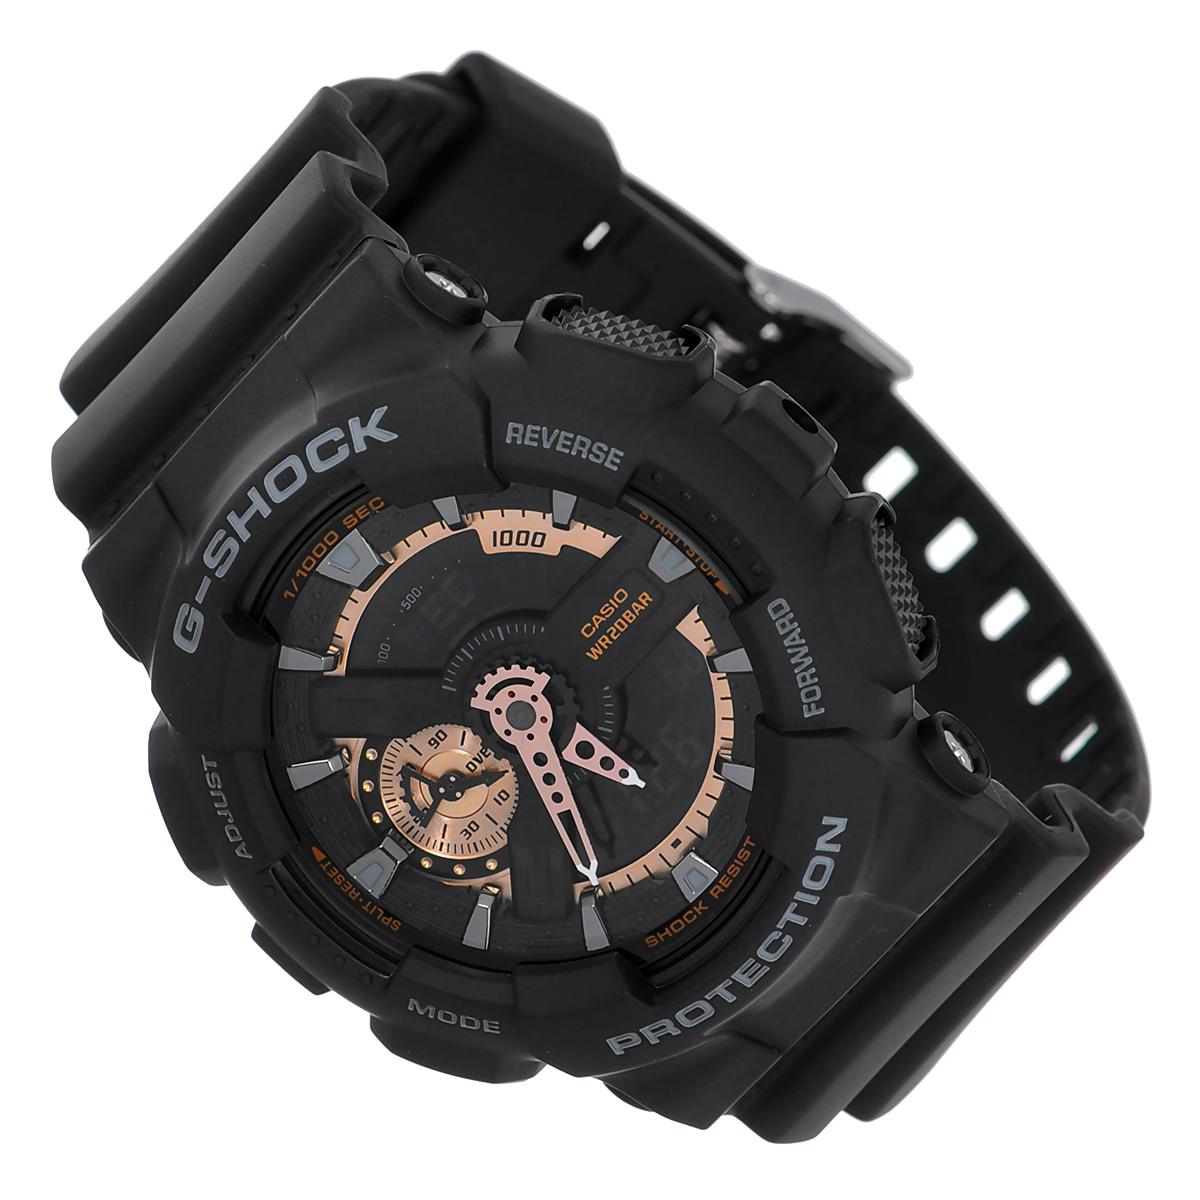 Часы мужские наручные Casio G-Shock, цвет: черный. GA-110RG-1AL39845800Стильные часы G-Shock от японского брэнда Casio - это яркий функциональный аксессуар для современных людей, которые стремятся выделиться из толпы и подчеркнуть свою индивидуальность. Часы выполнены в спортивном стиле. Корпус имеет ударопрочную конструкцию, защищающую механизм от ударов и вибрации. Циферблат подсвечивается светодиодом, функция автоподсветки освещает циферблат при повороте часов к лицу. Ремешок из мягкого пластика имеет классическую застежку.Основные функции: -5 будильников, один с функцией повтора сигнала (чтобы отложить пробуждение), ежечасный сигнал; -автоматический календарь (число, месяц, день недели, год); -секундомер с точностью показаний 1/1000 с, время измерения 100 часов; -12-ти и 24-х часовой формат времени; -таймер обратного отсчета от 1 мин до 24 ч с автоповтором; -мировое время; -сплит-хронограф; -защита от магнитных полей. Часы упакованы в фирменную коробку с логотипом Casio. Такой аксессуар добавит вашему образу стиля и подчеркнет безупречный вкус своего владельца.Характеристики: Диаметр циферблата: 3,7 см.Размер корпуса: 5,5 см х 5,1 см х 1,7 см.Длина ремешка (с корпусом): 25 см.Ширина ремешка: 2,2 см. STAINLESS STELL BACK JAPAN MOVT EL CASED IN CHINA.